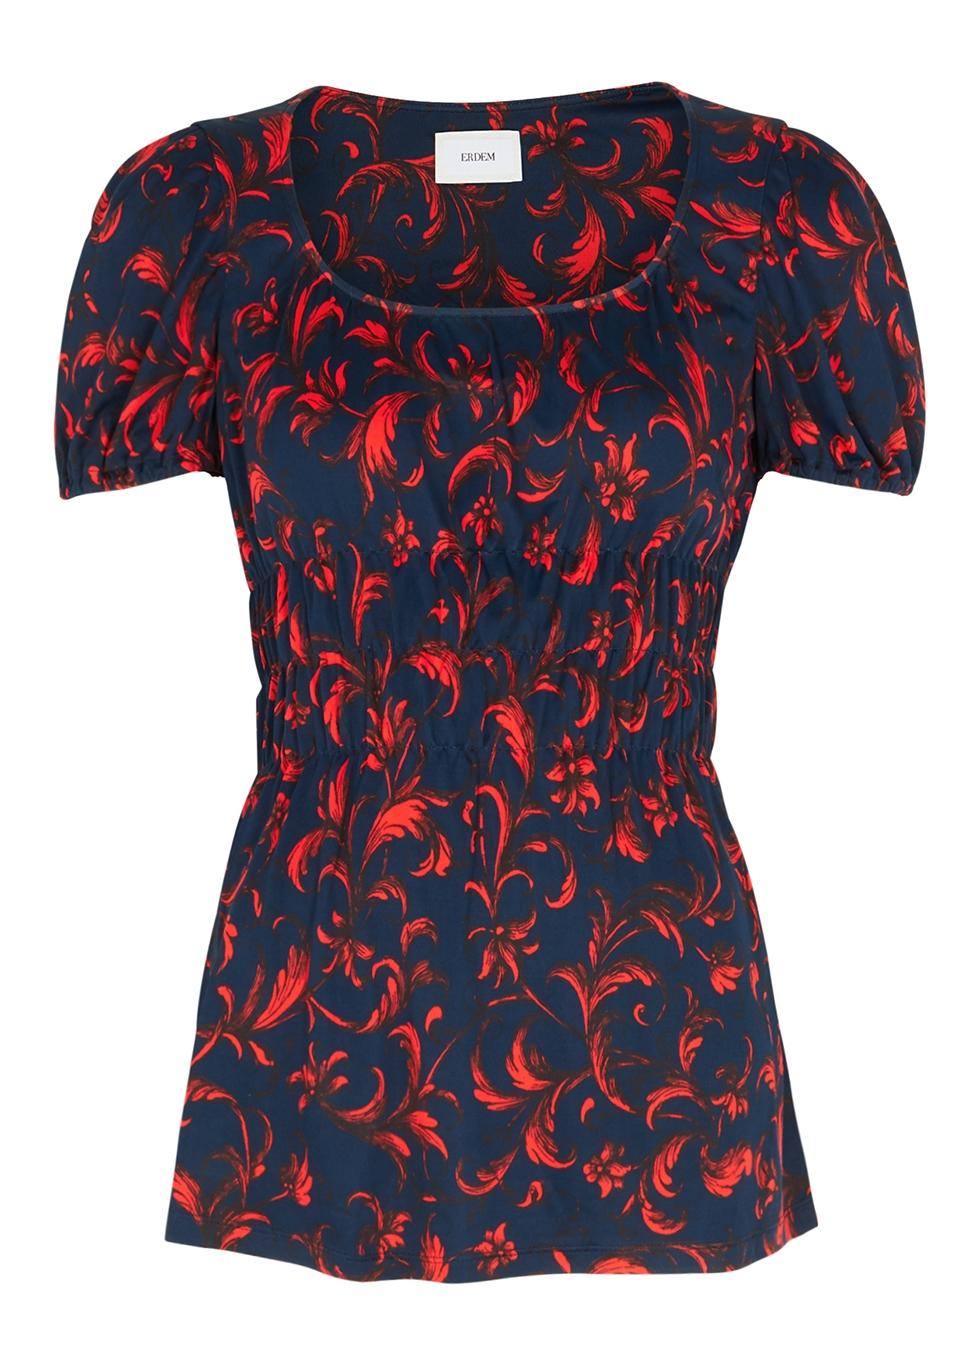 Rupert floral-print satin-jersey top